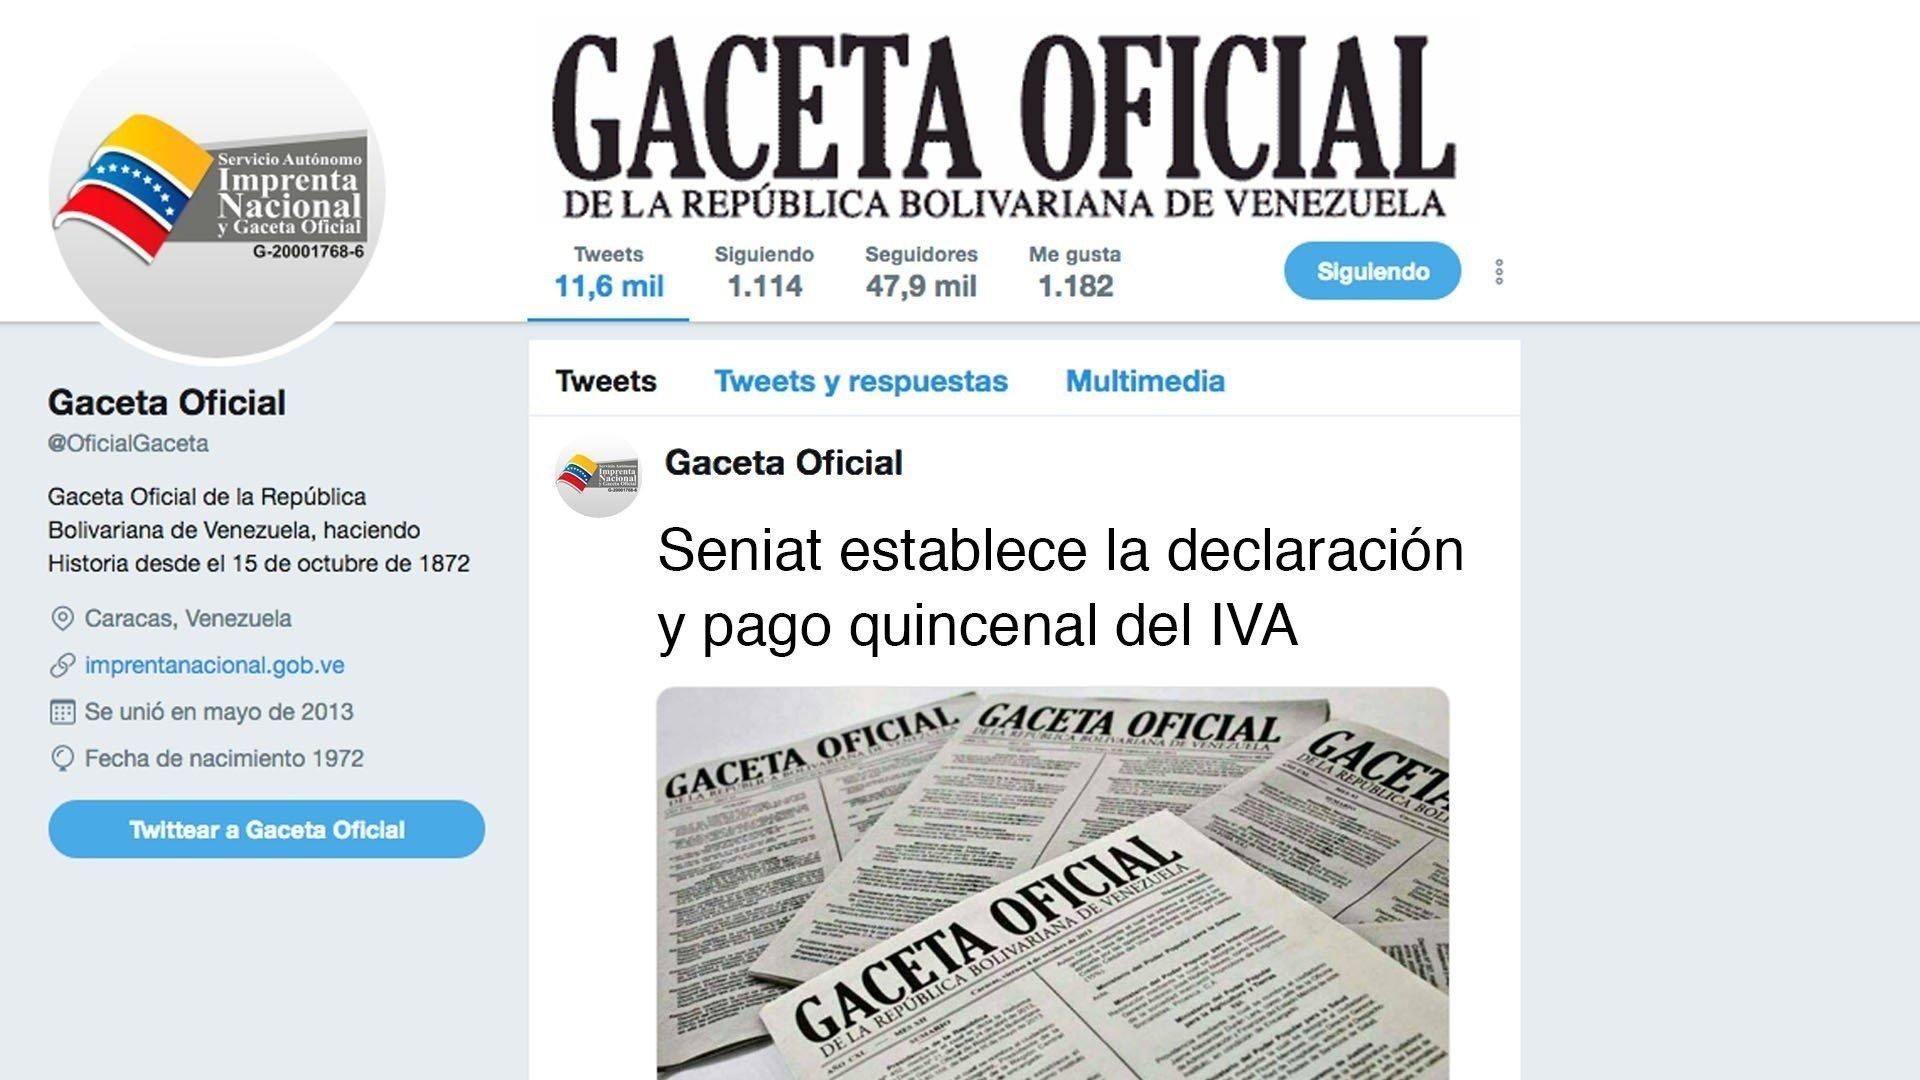 Seniat establece la declaración y pago quincenal del IVA